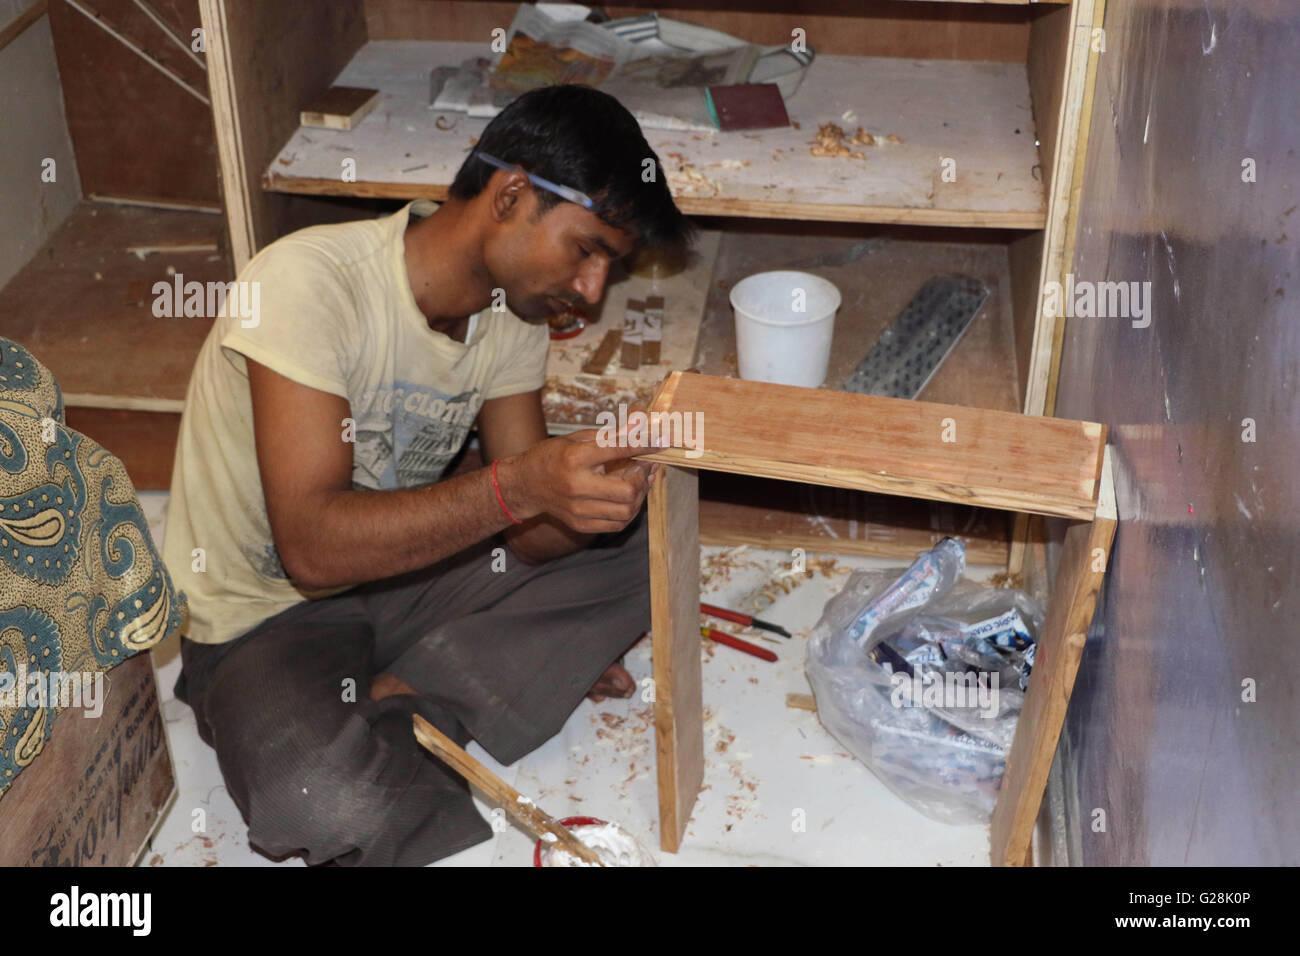 Schreiner macht Möbel Stockfoto, Bild: 104682054 - Alamy